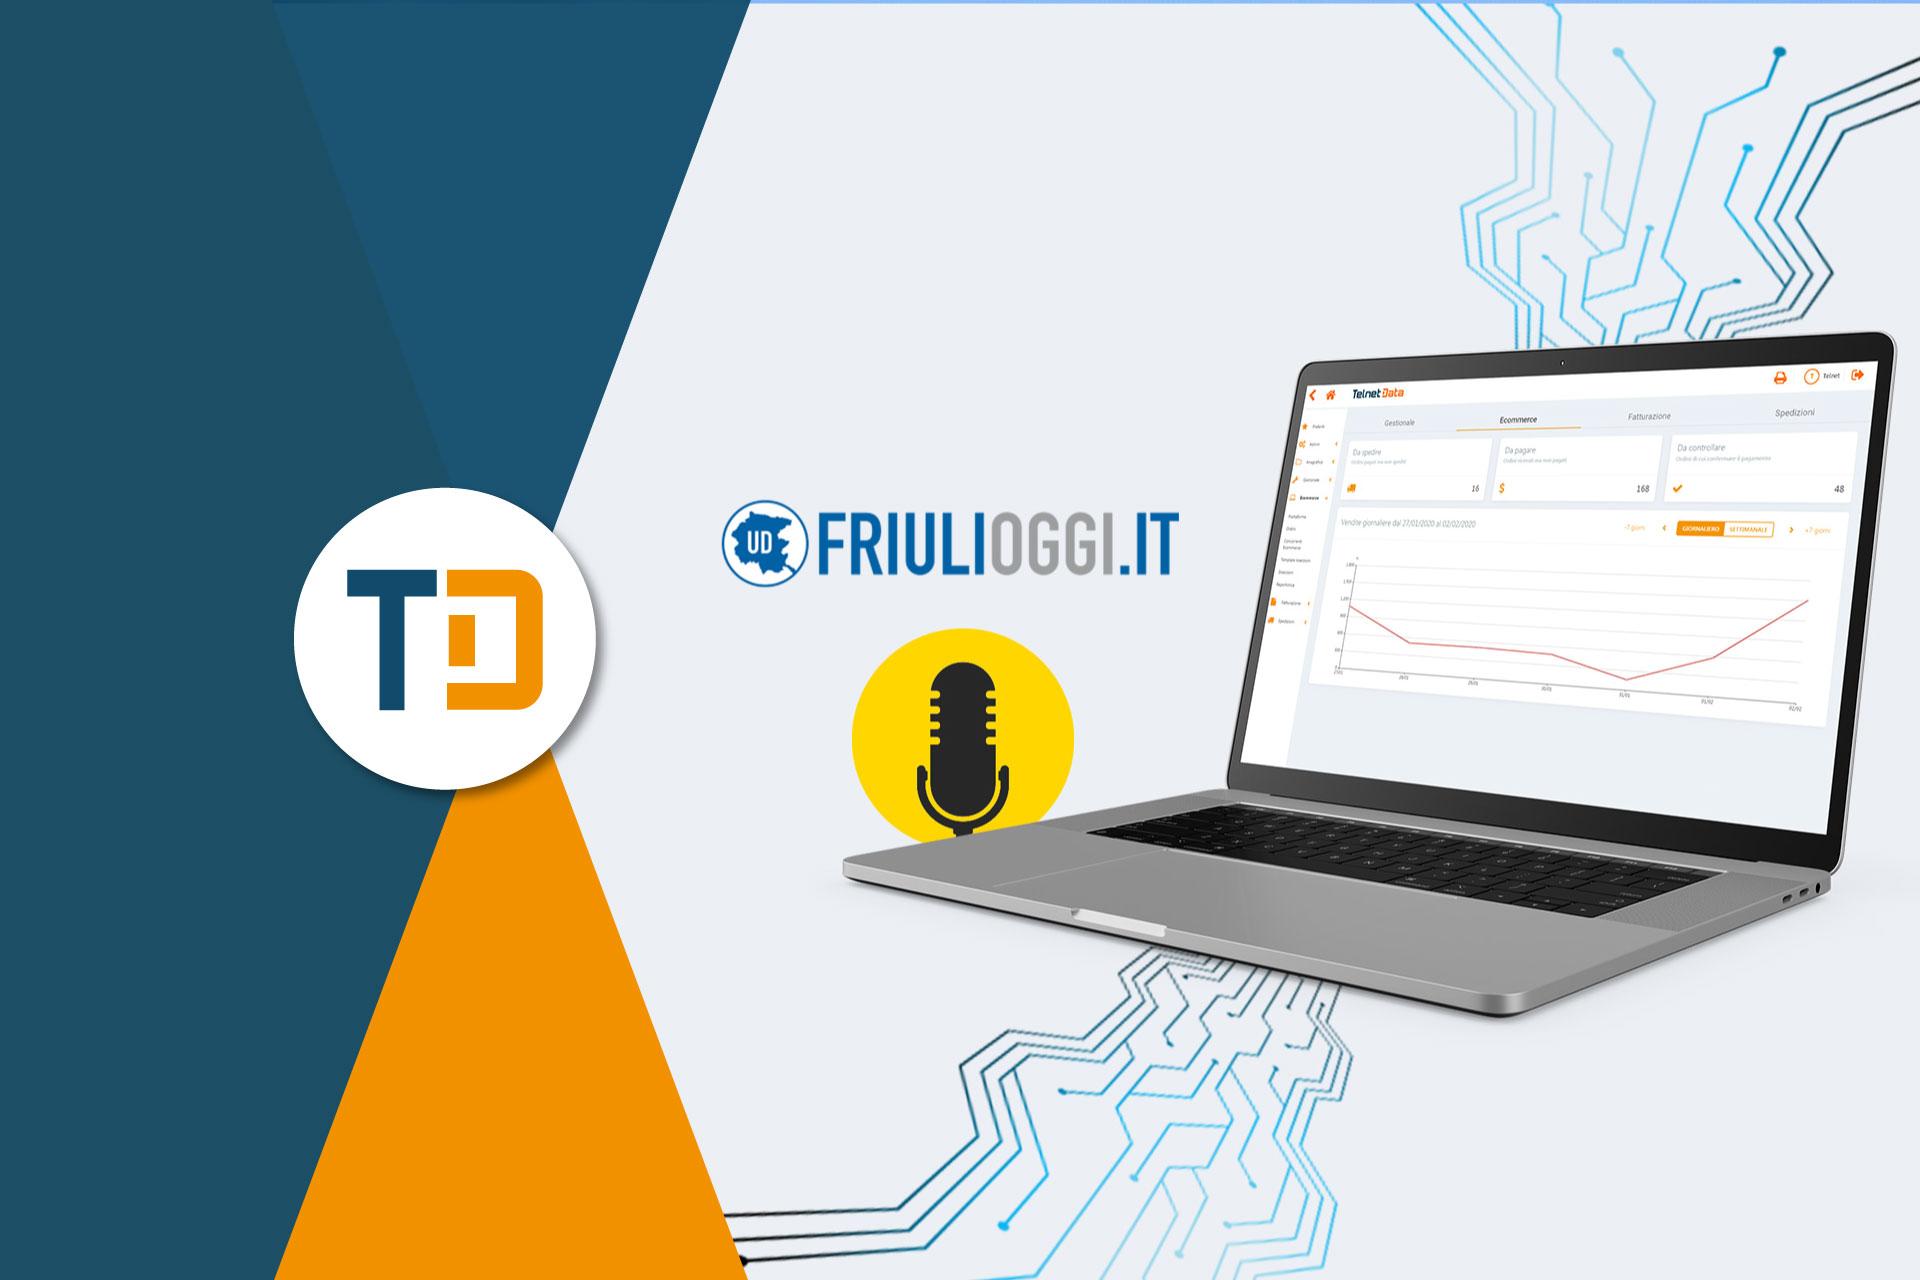 Articolo Friulioggi.it su Telnet Data